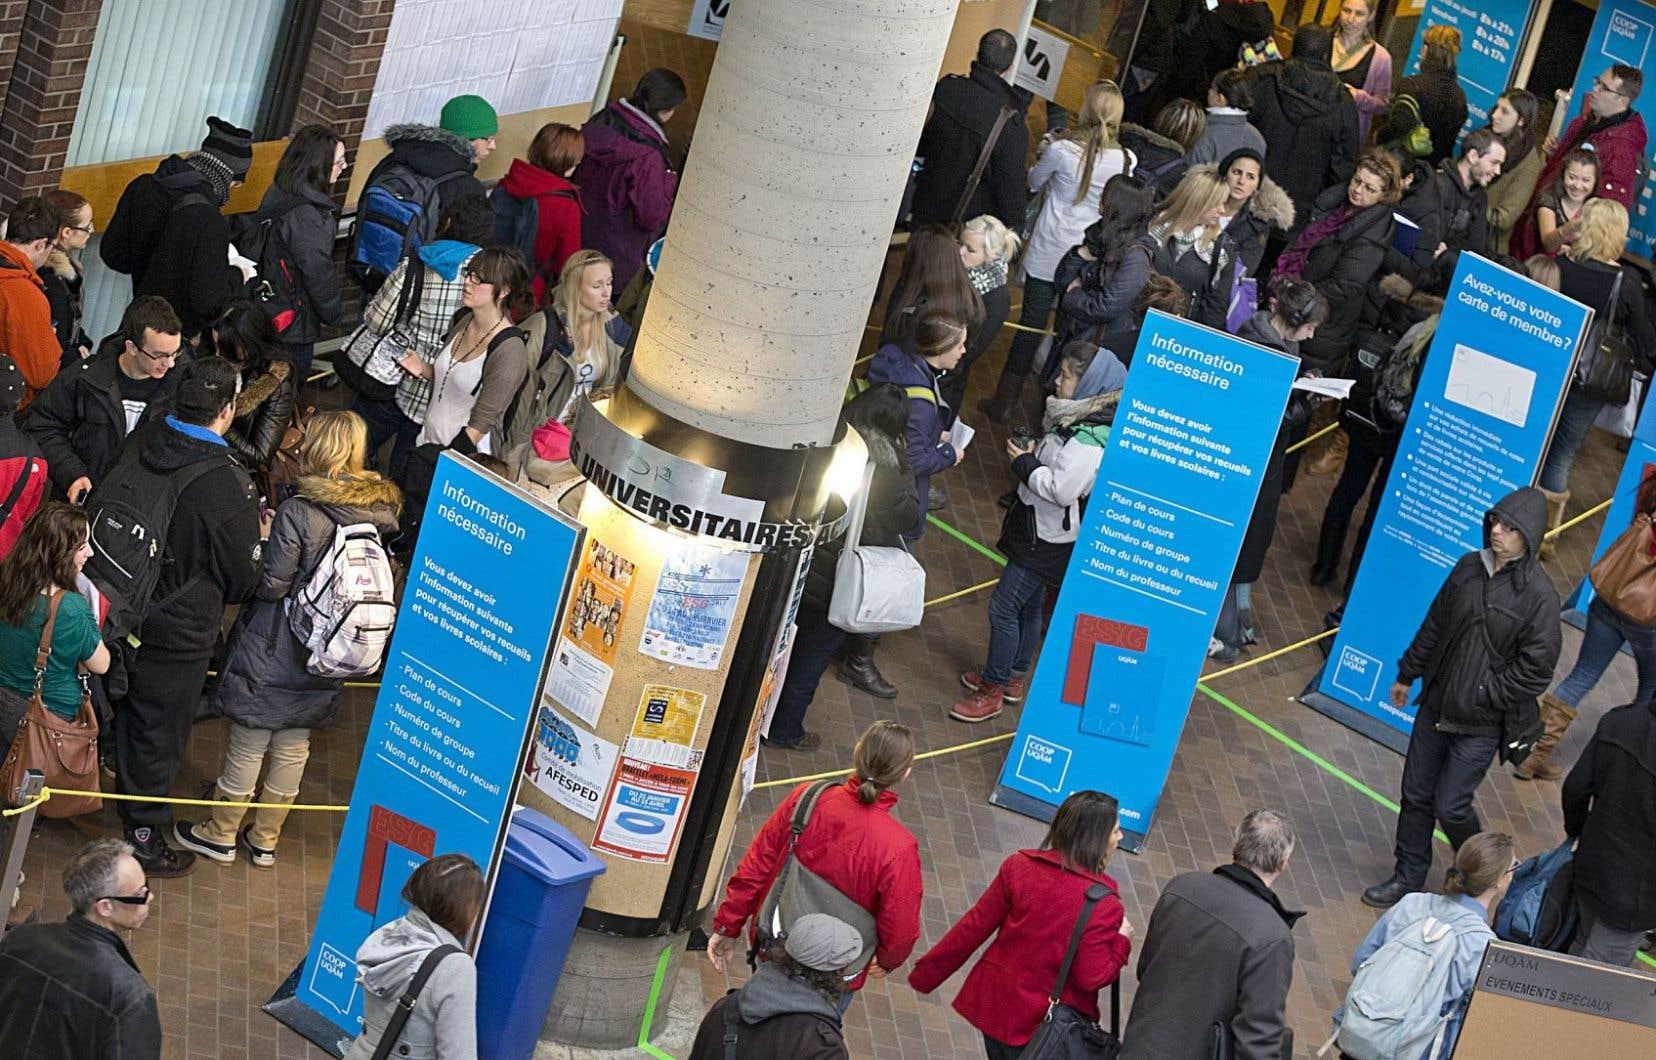 L'université contemporaine représente au Québec un véritable moteur d'innovations sociales, culturelles, politiques et économiques.